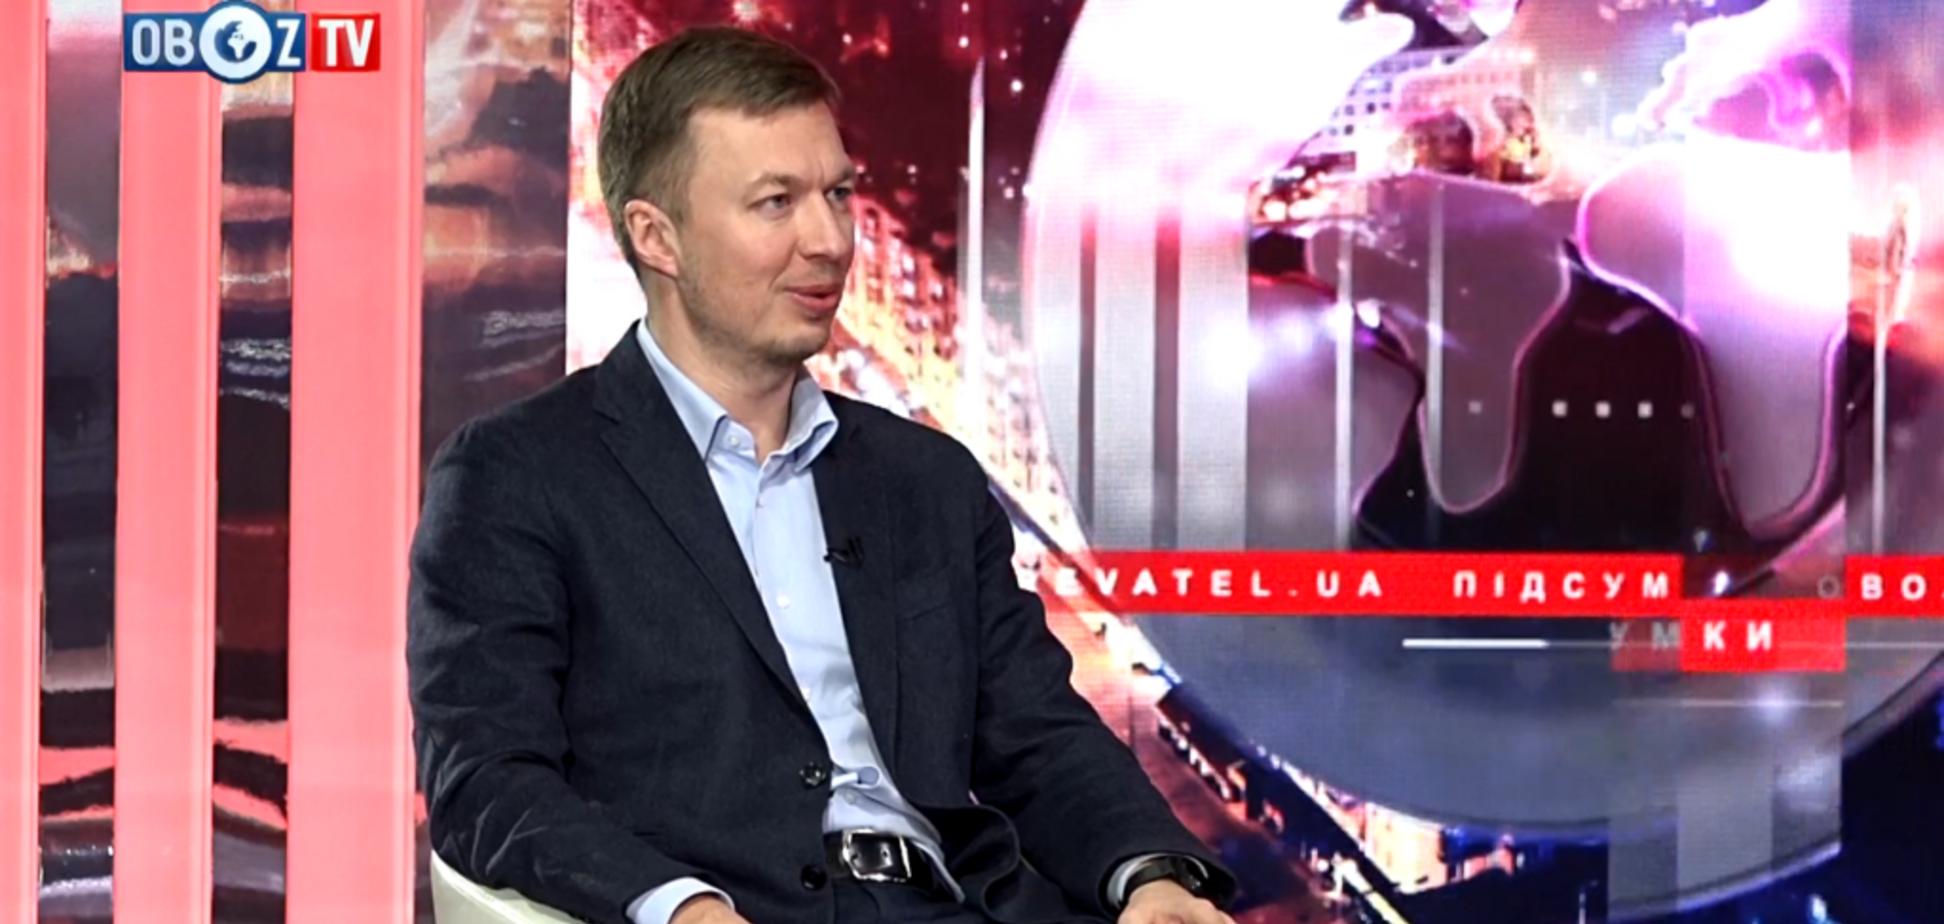 ''Україні потрібен антикризовий менеджер'' – лідер партії ''Основа'' про реєстрацію Сергія Тарути кандидатом в президенти